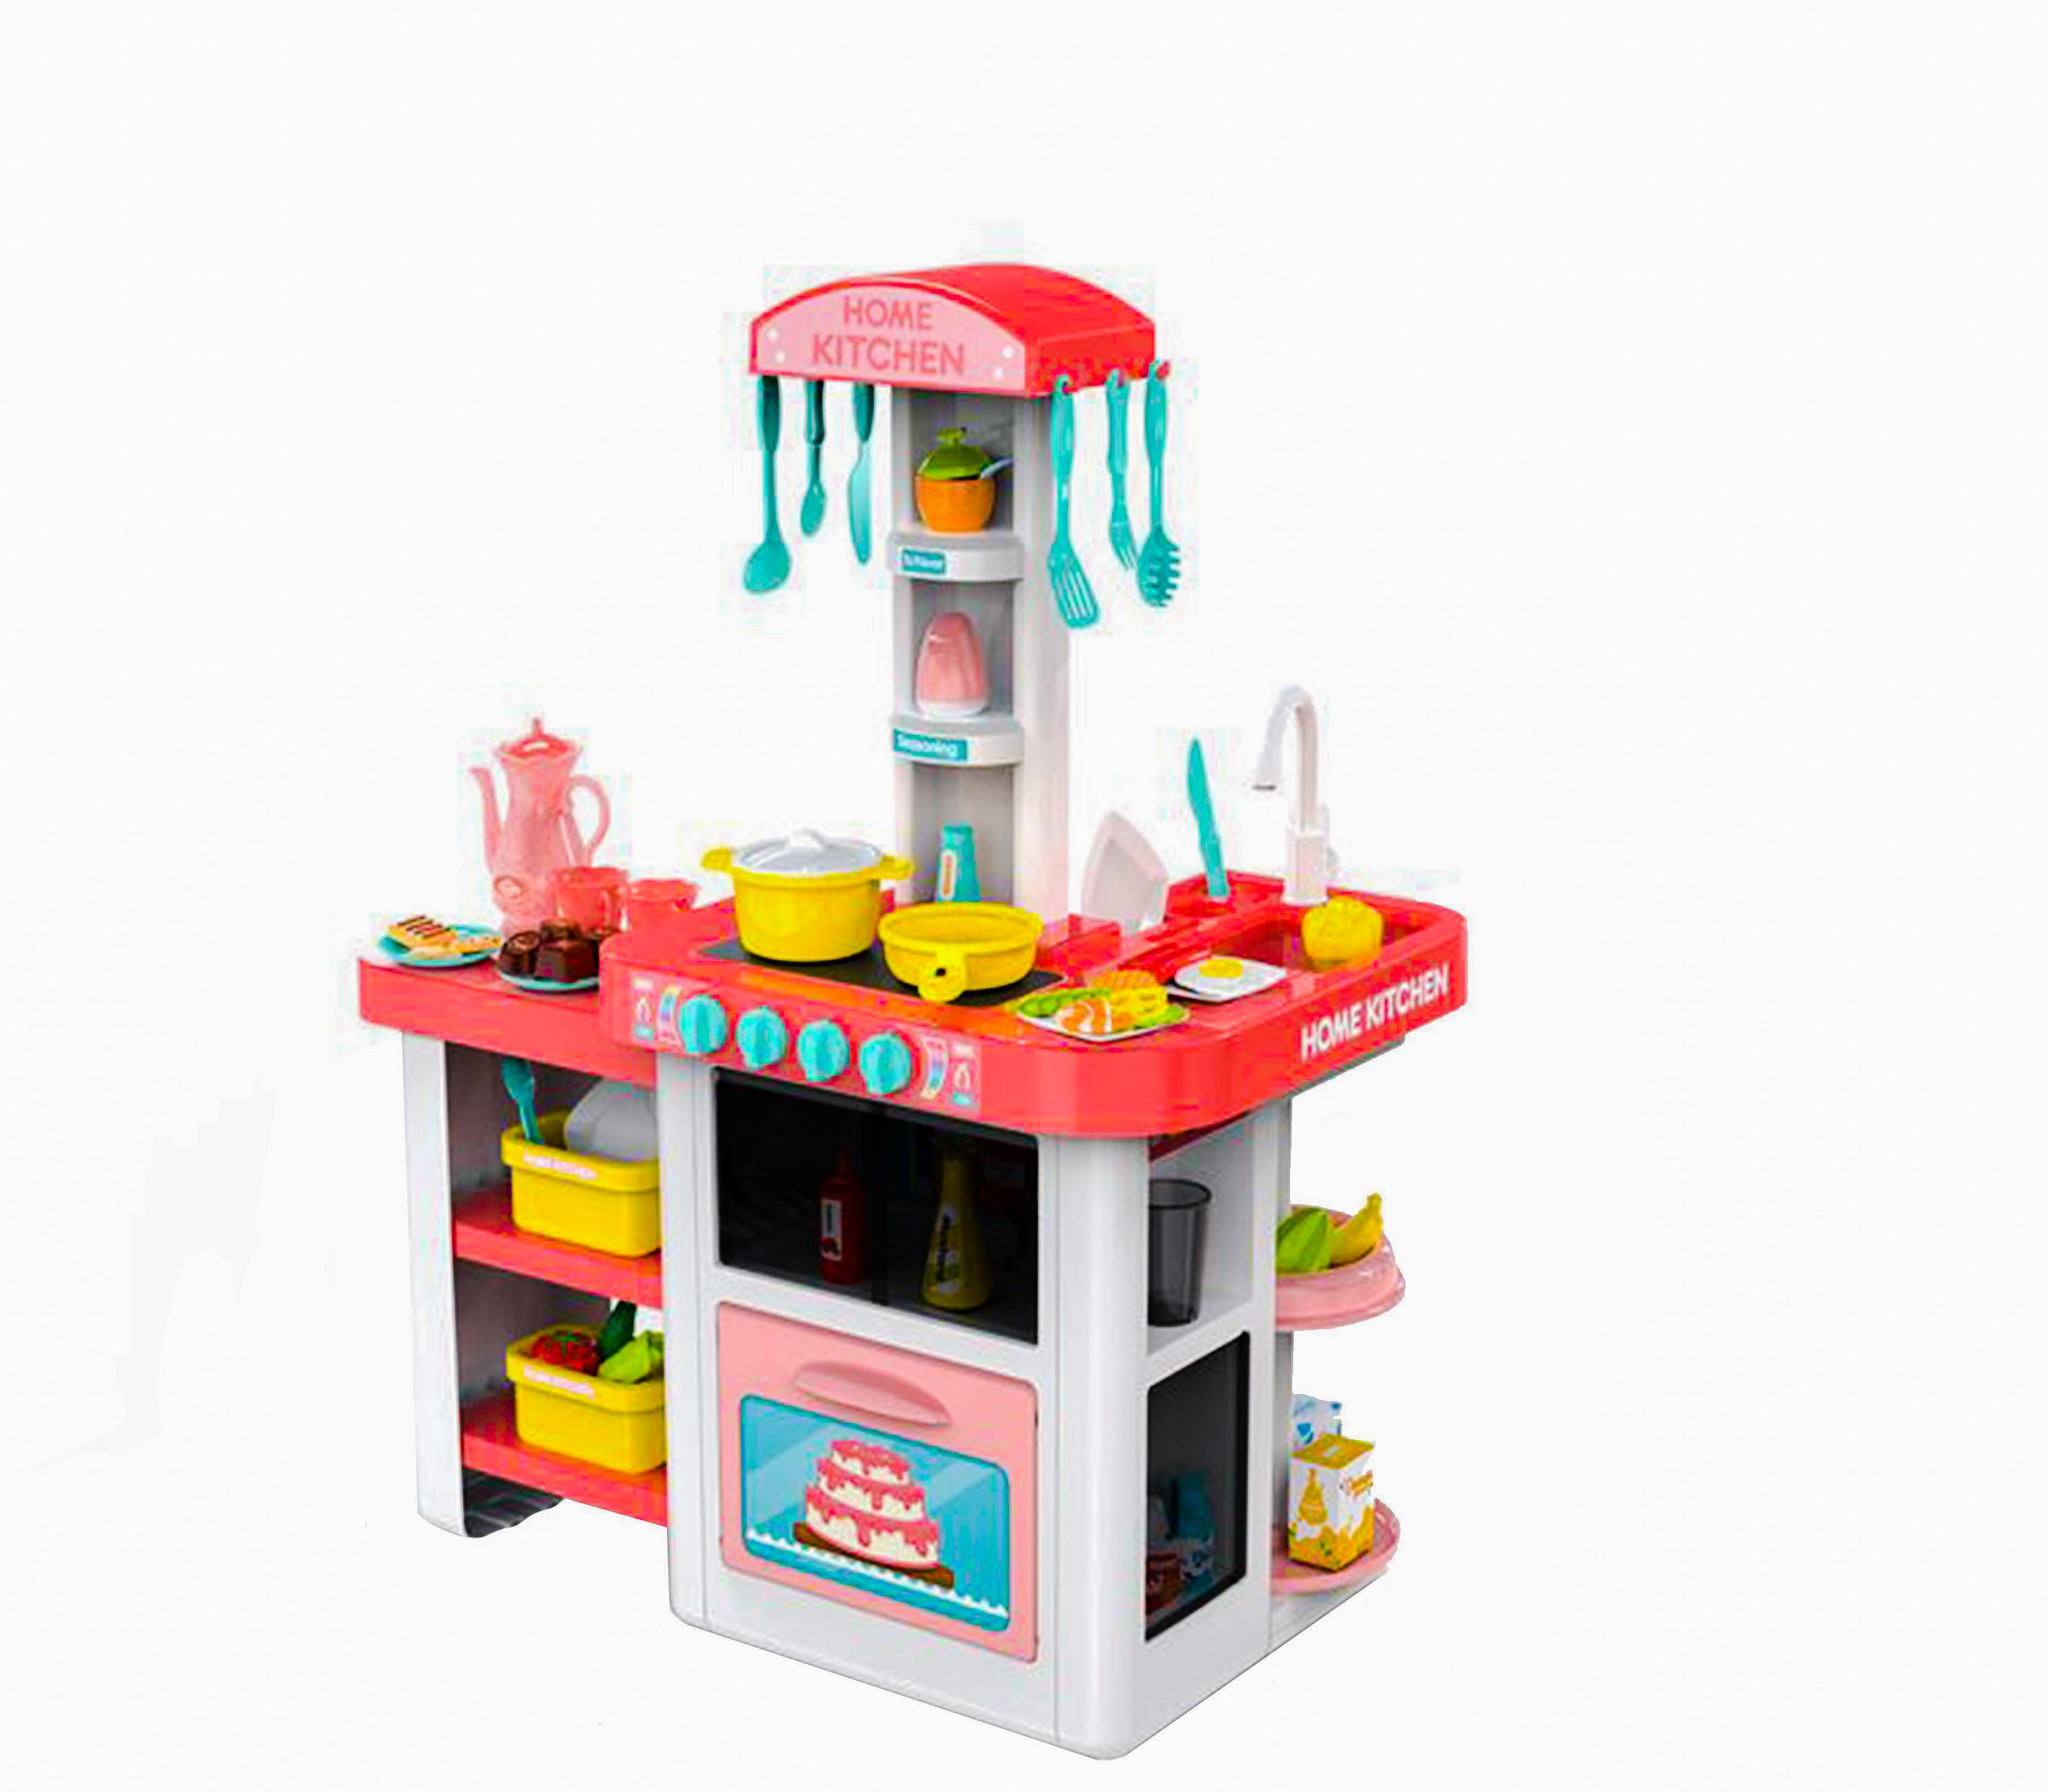 Aga4Kids Plastová kuchyňka HOME KITCHEN HM824932